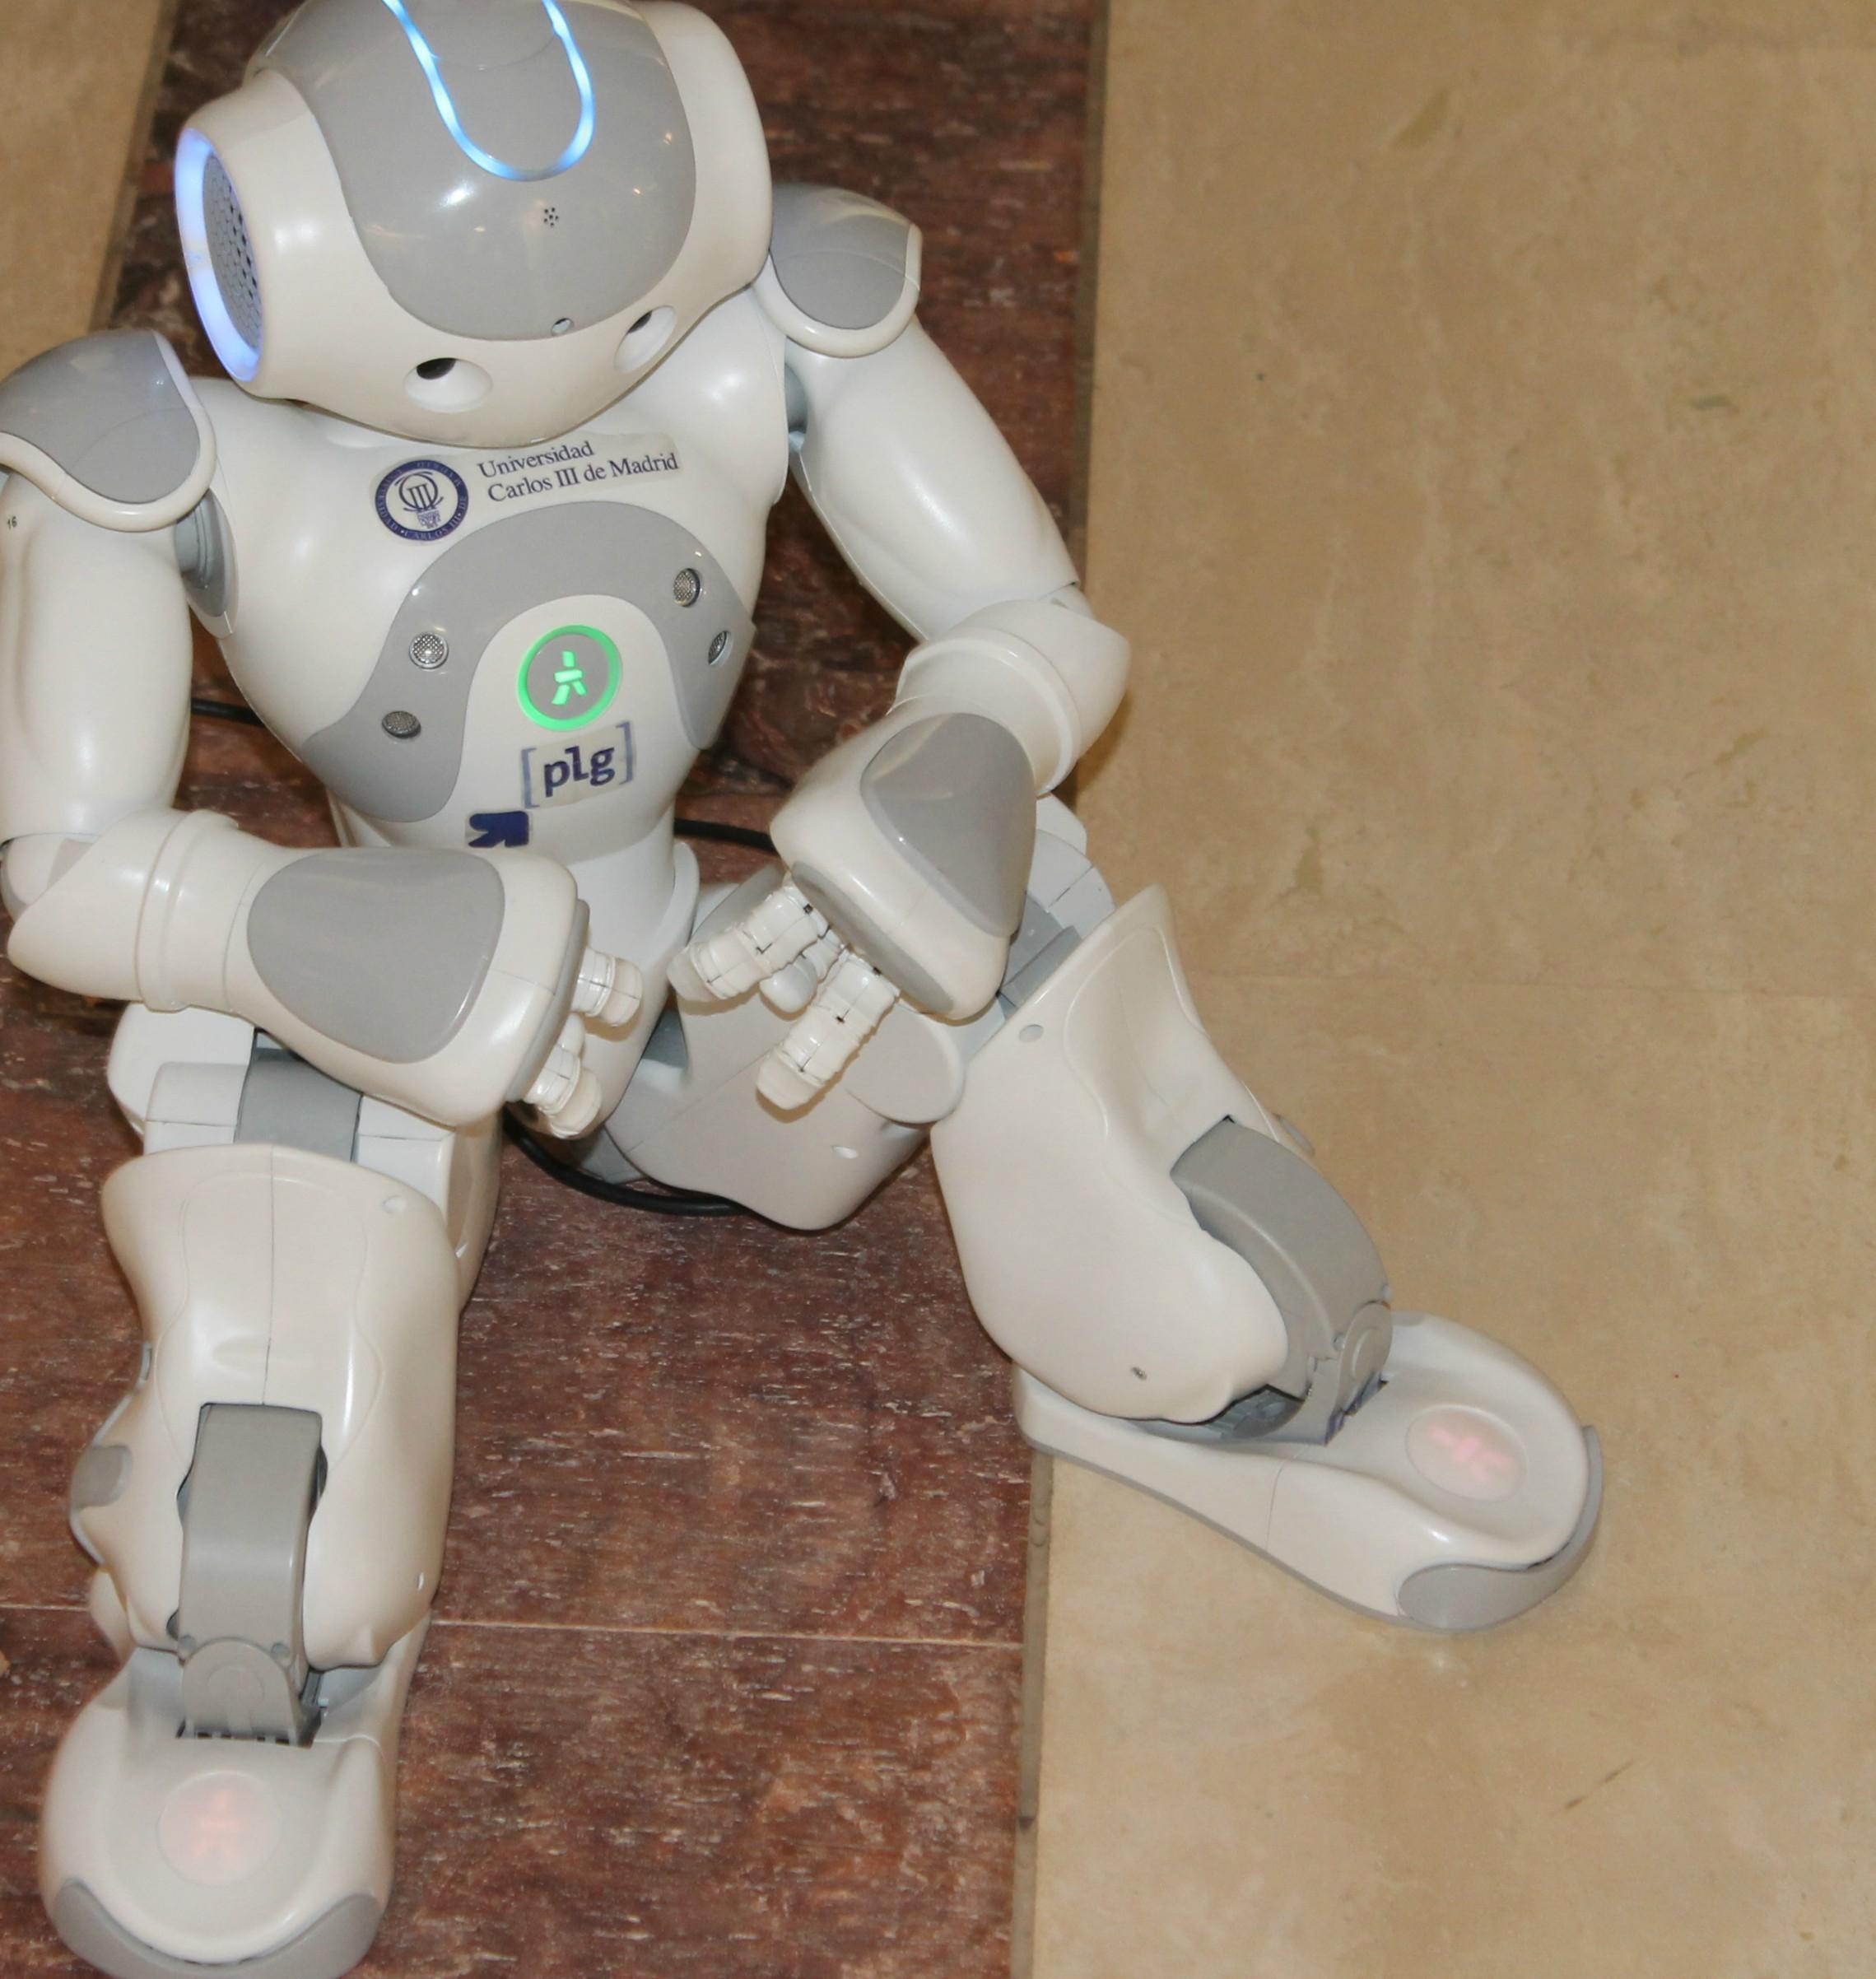 """A innovación é unha das claves do Spin, como amosa este Robot de """"NaoTherapist"""" que axuda a realizar rehabilitacións ós nenos"""